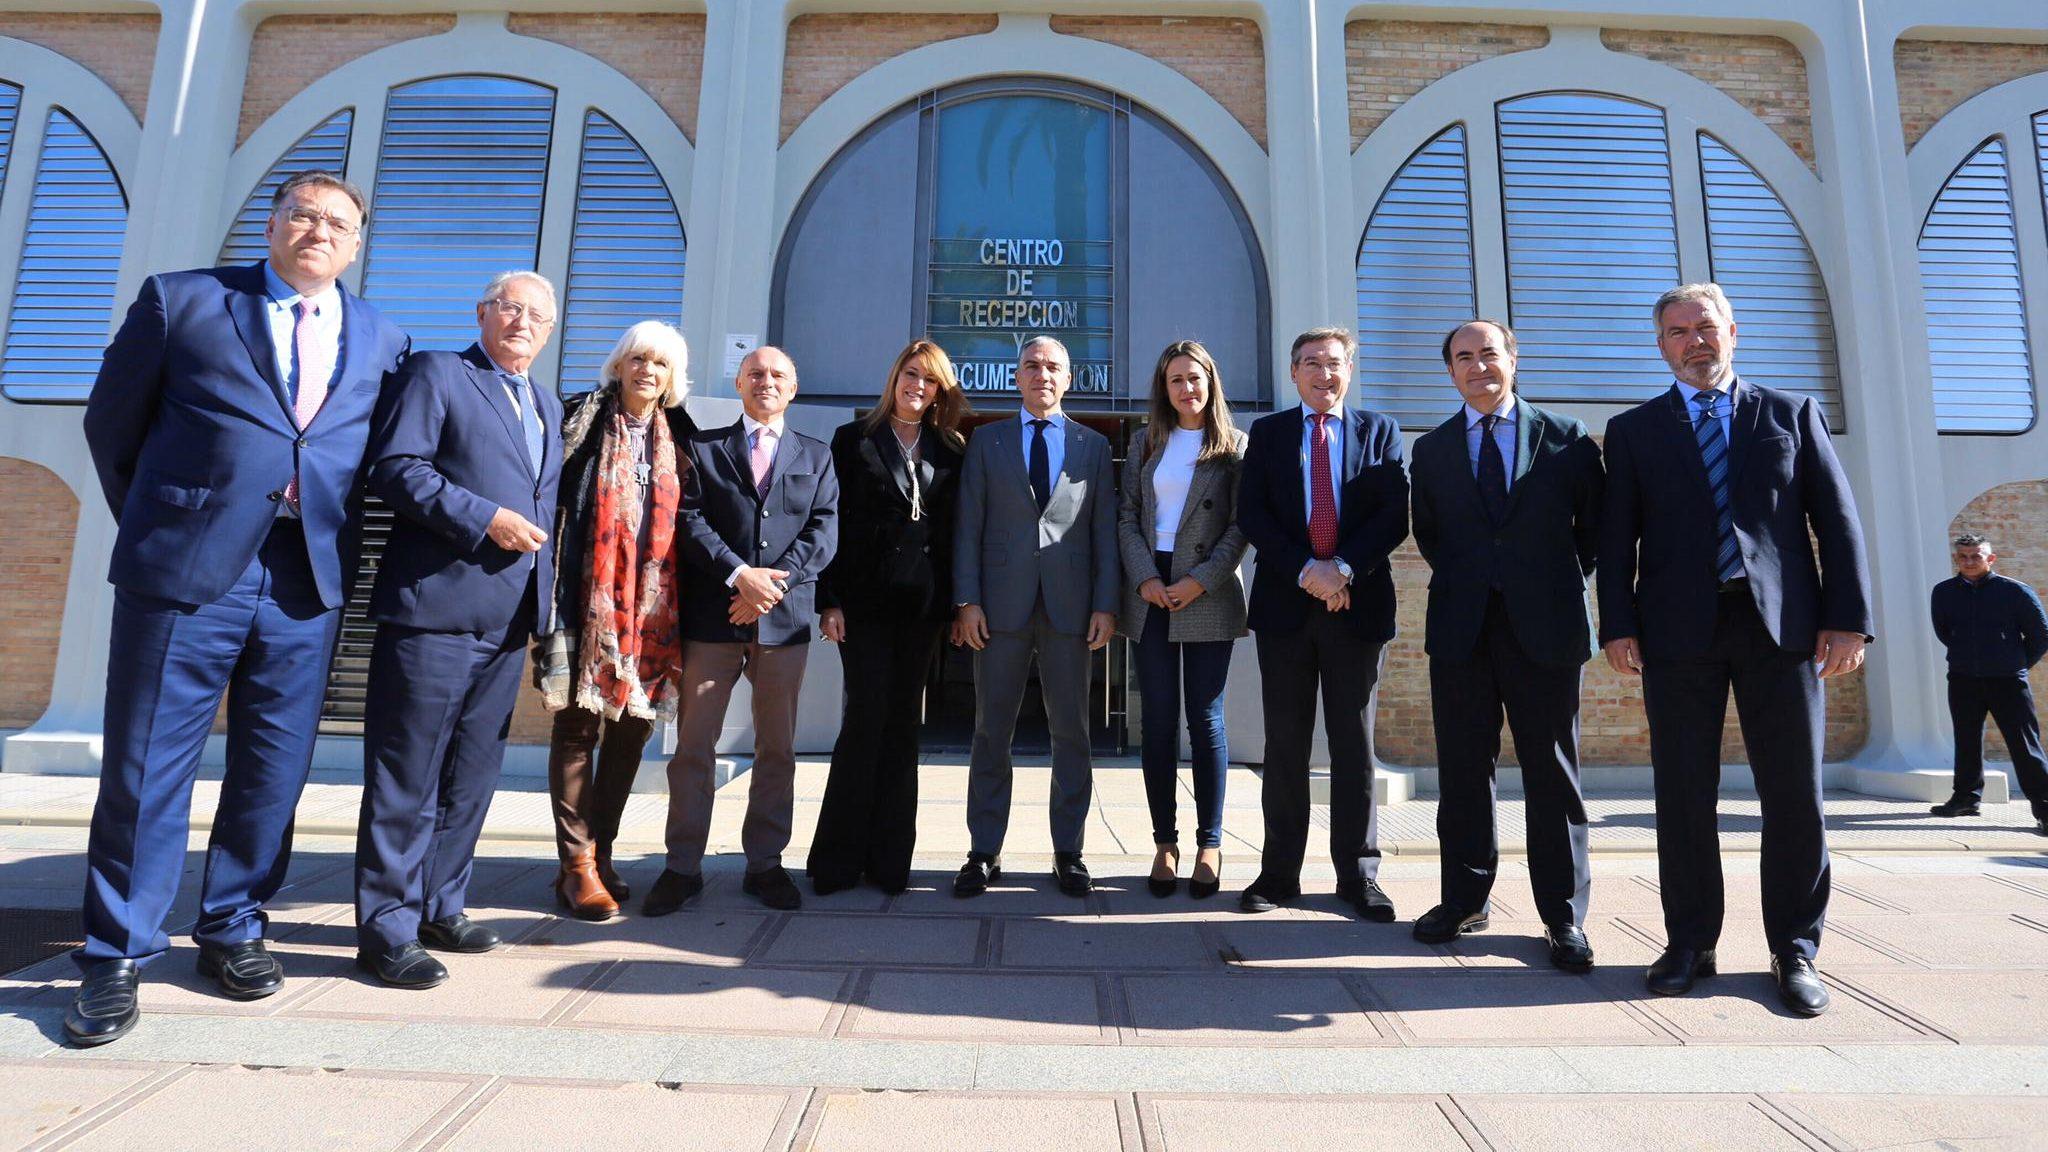 Andalucía coordinará los planes de negocio de sus puertos de interés general - El Mercantil